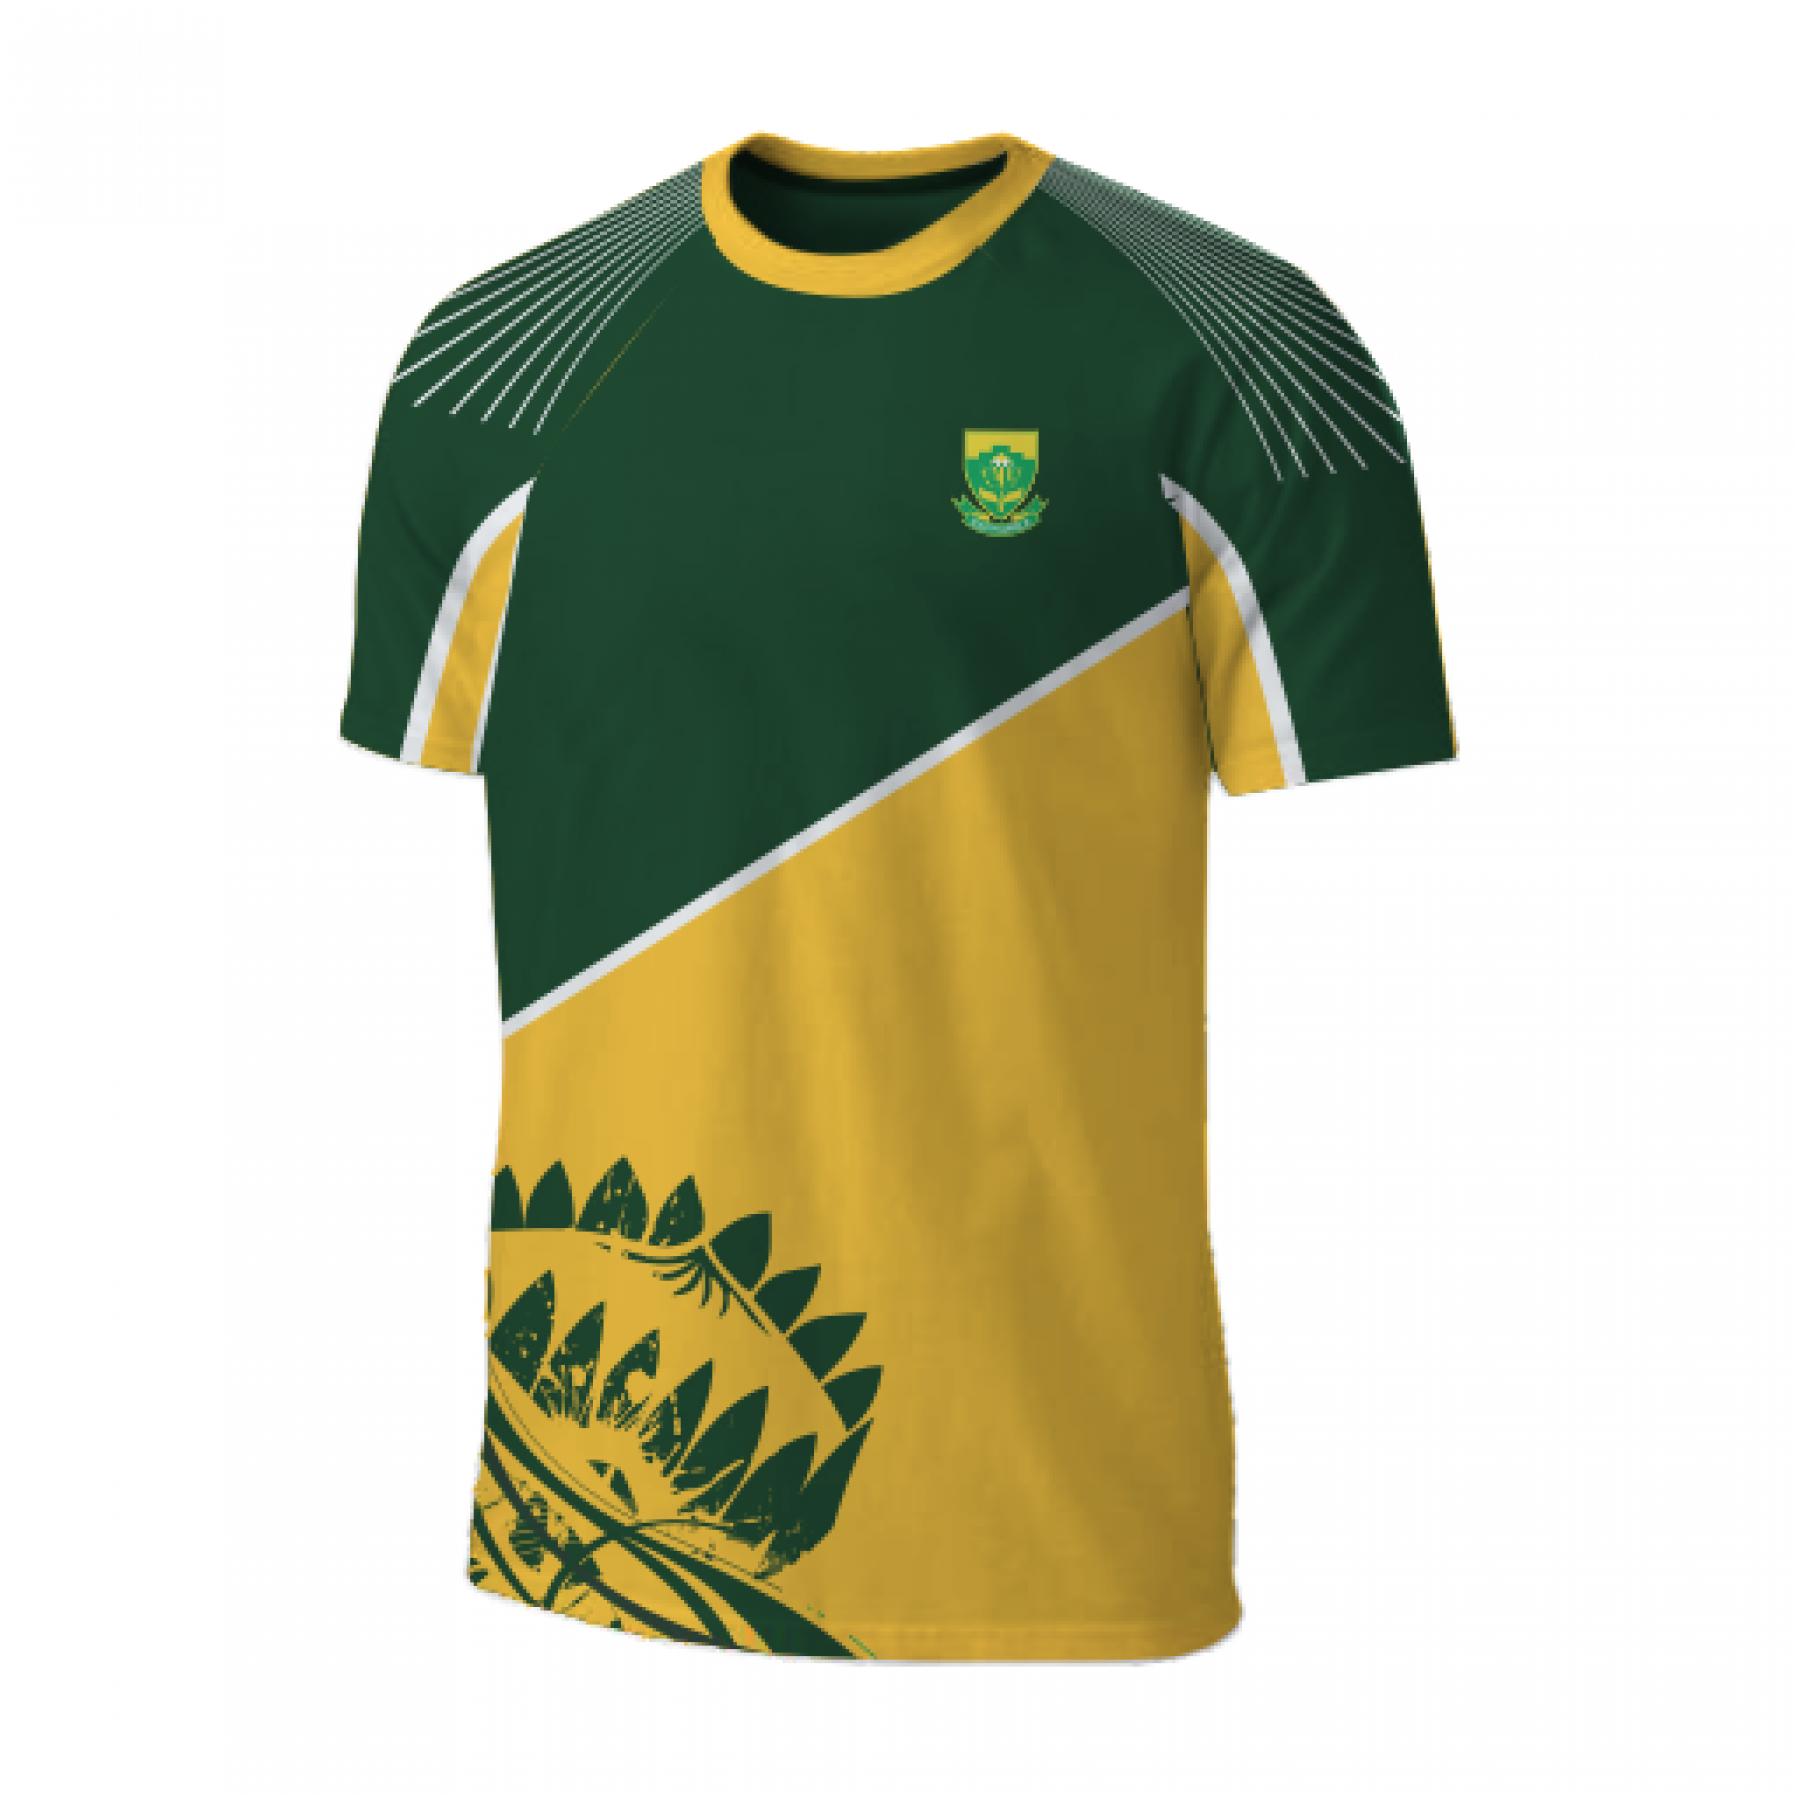 Sasc Sublimated T-shirts